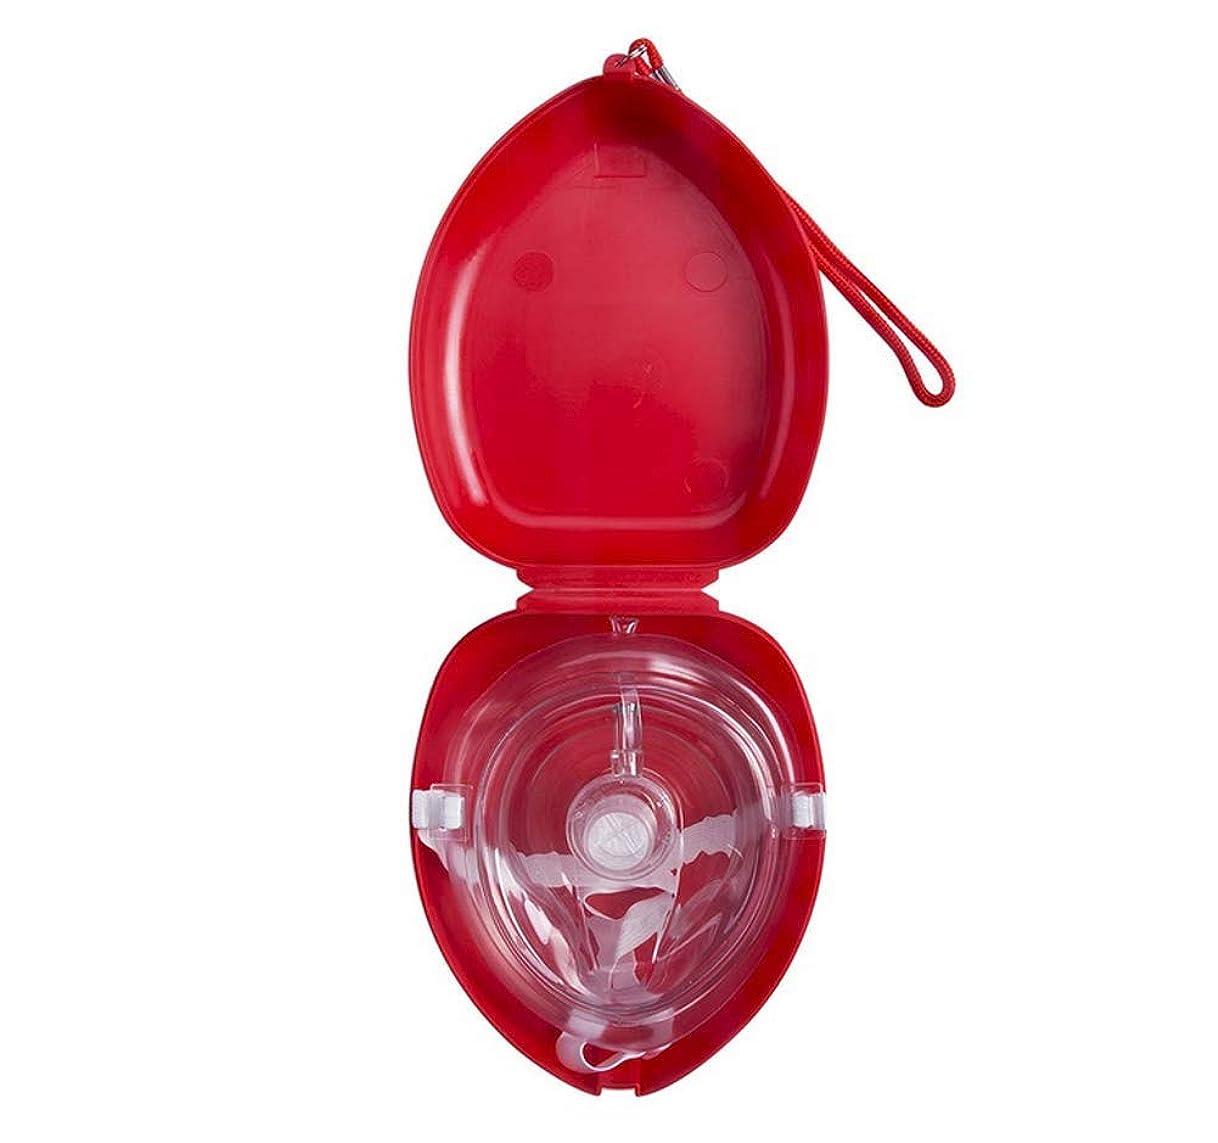 応急処置 回復 CPRマスク 顔面鼻バリア 携帯用感染防止マスク 家族旅行、アウトドア、旅行 (ワンサイズ)